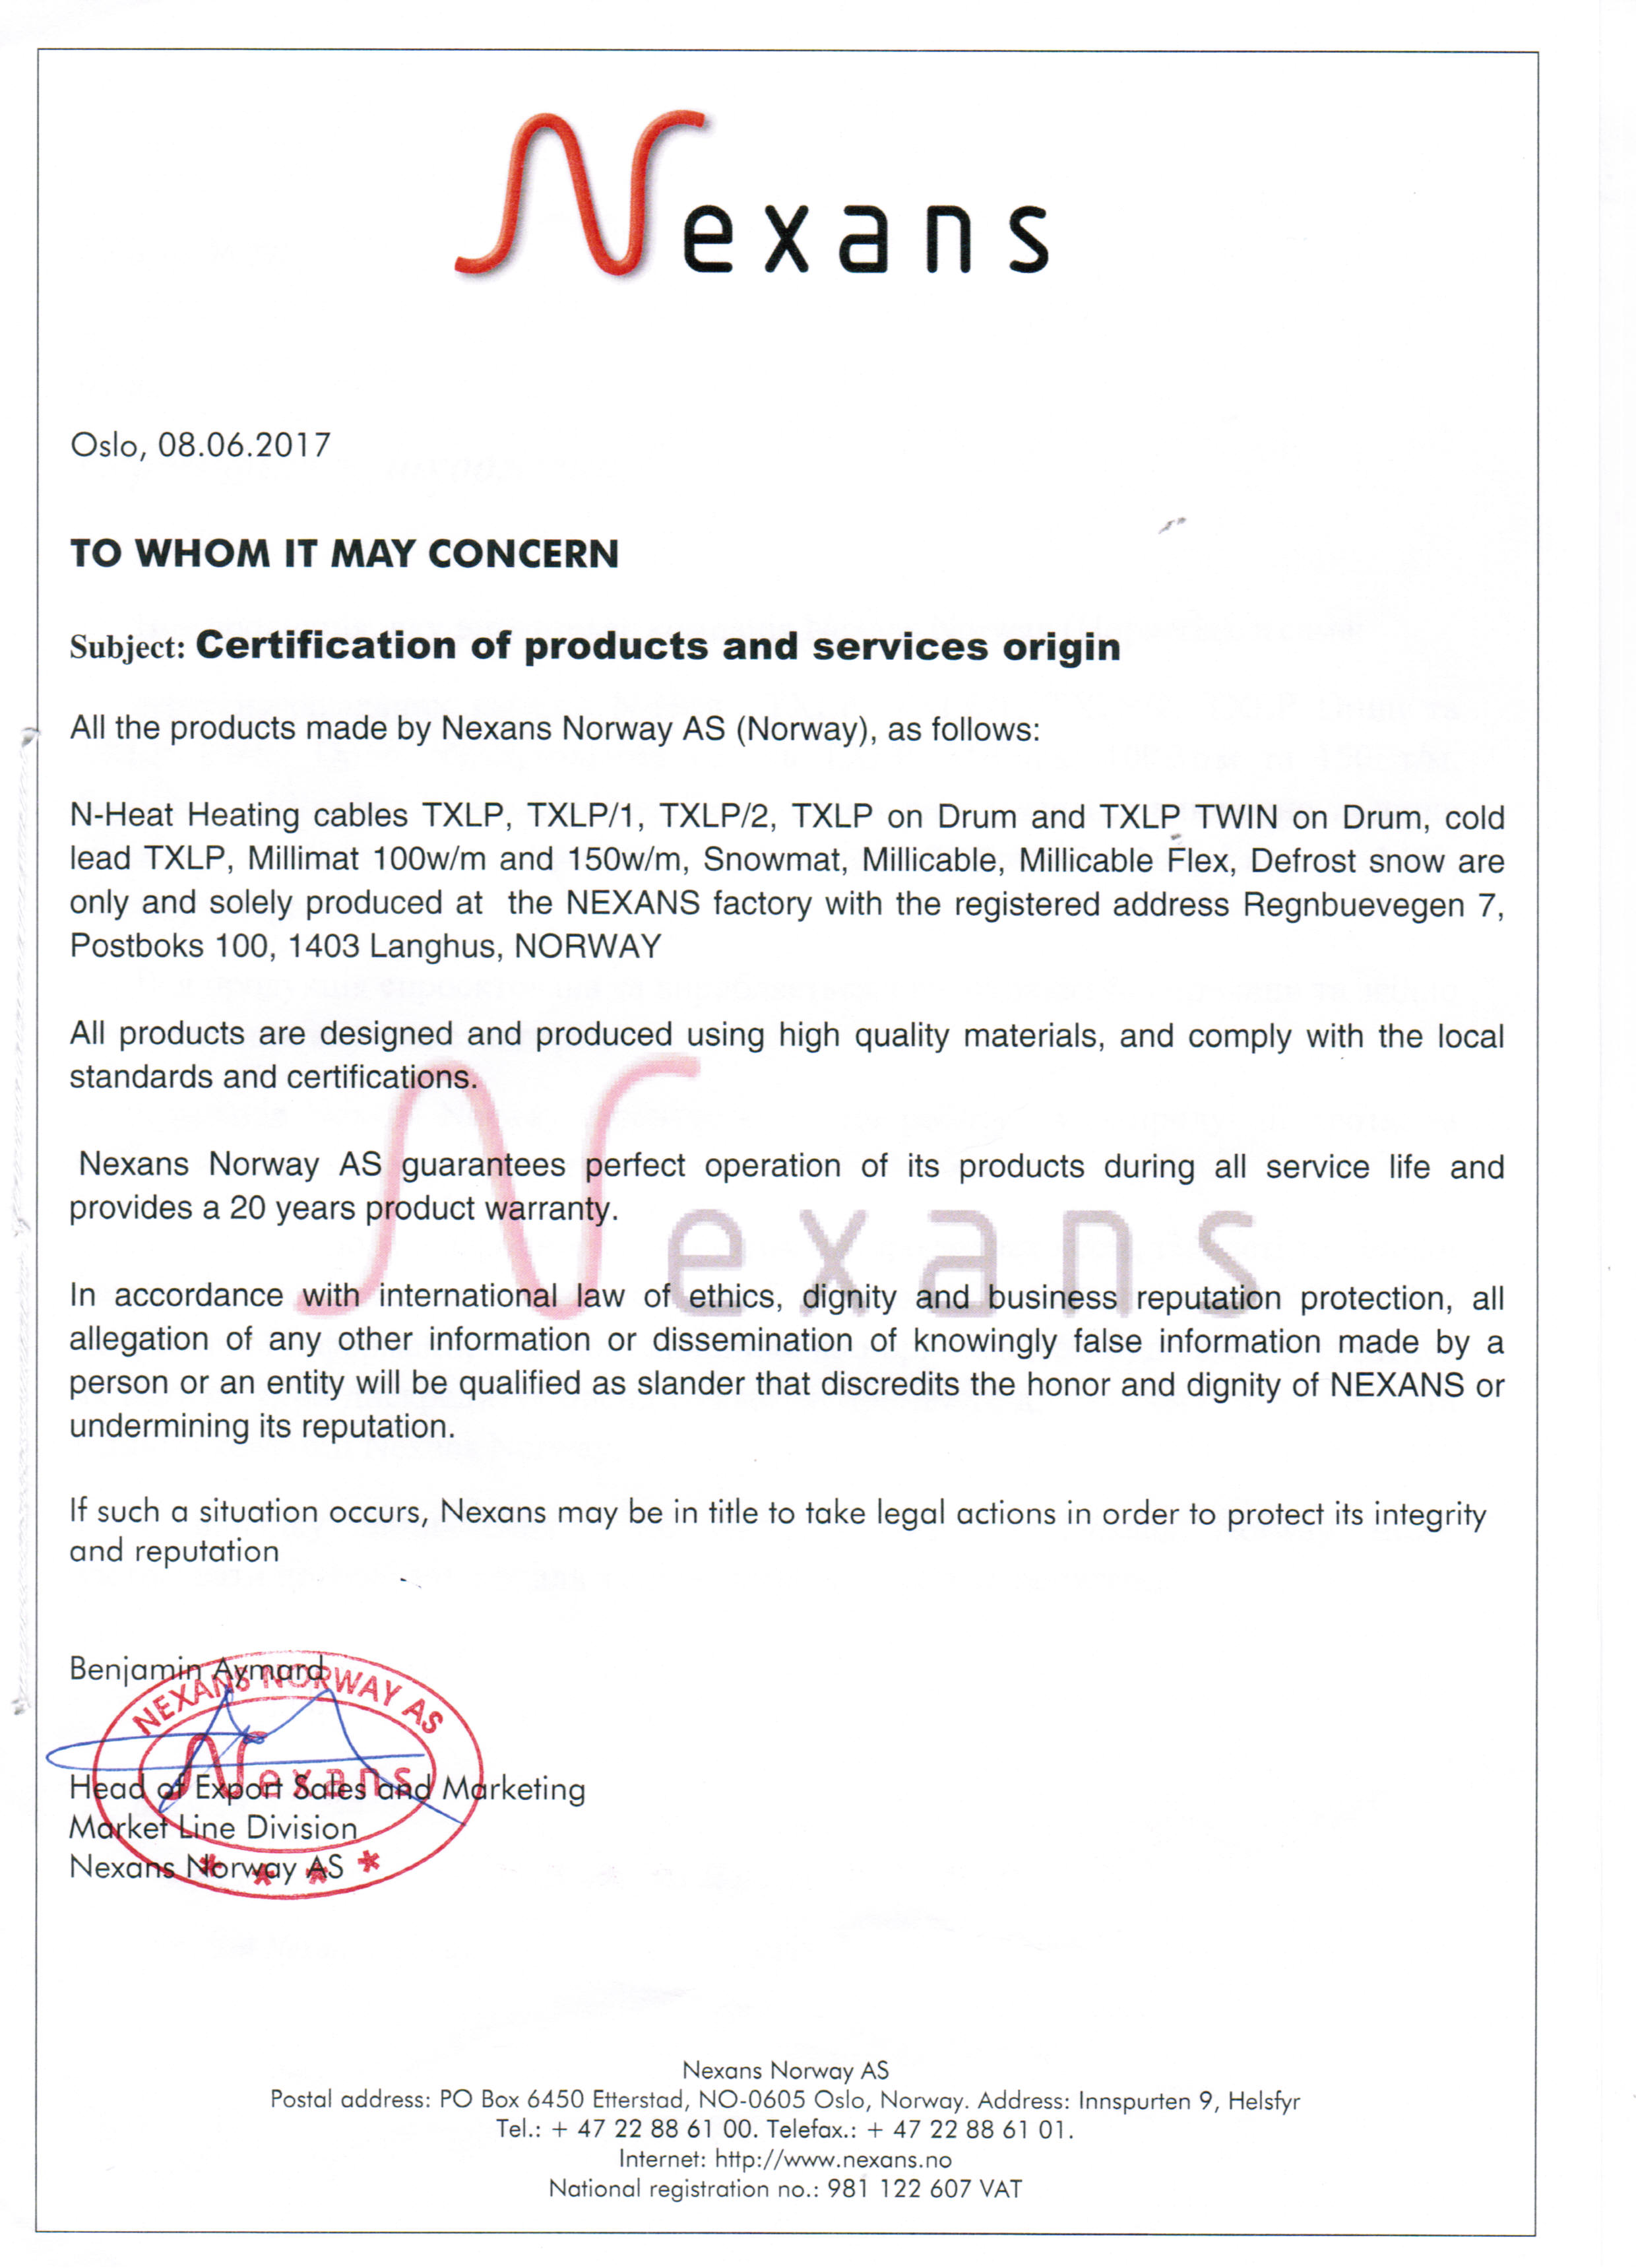 Сертификат Nexans, подтверждающий производство продукции в Норвегии.